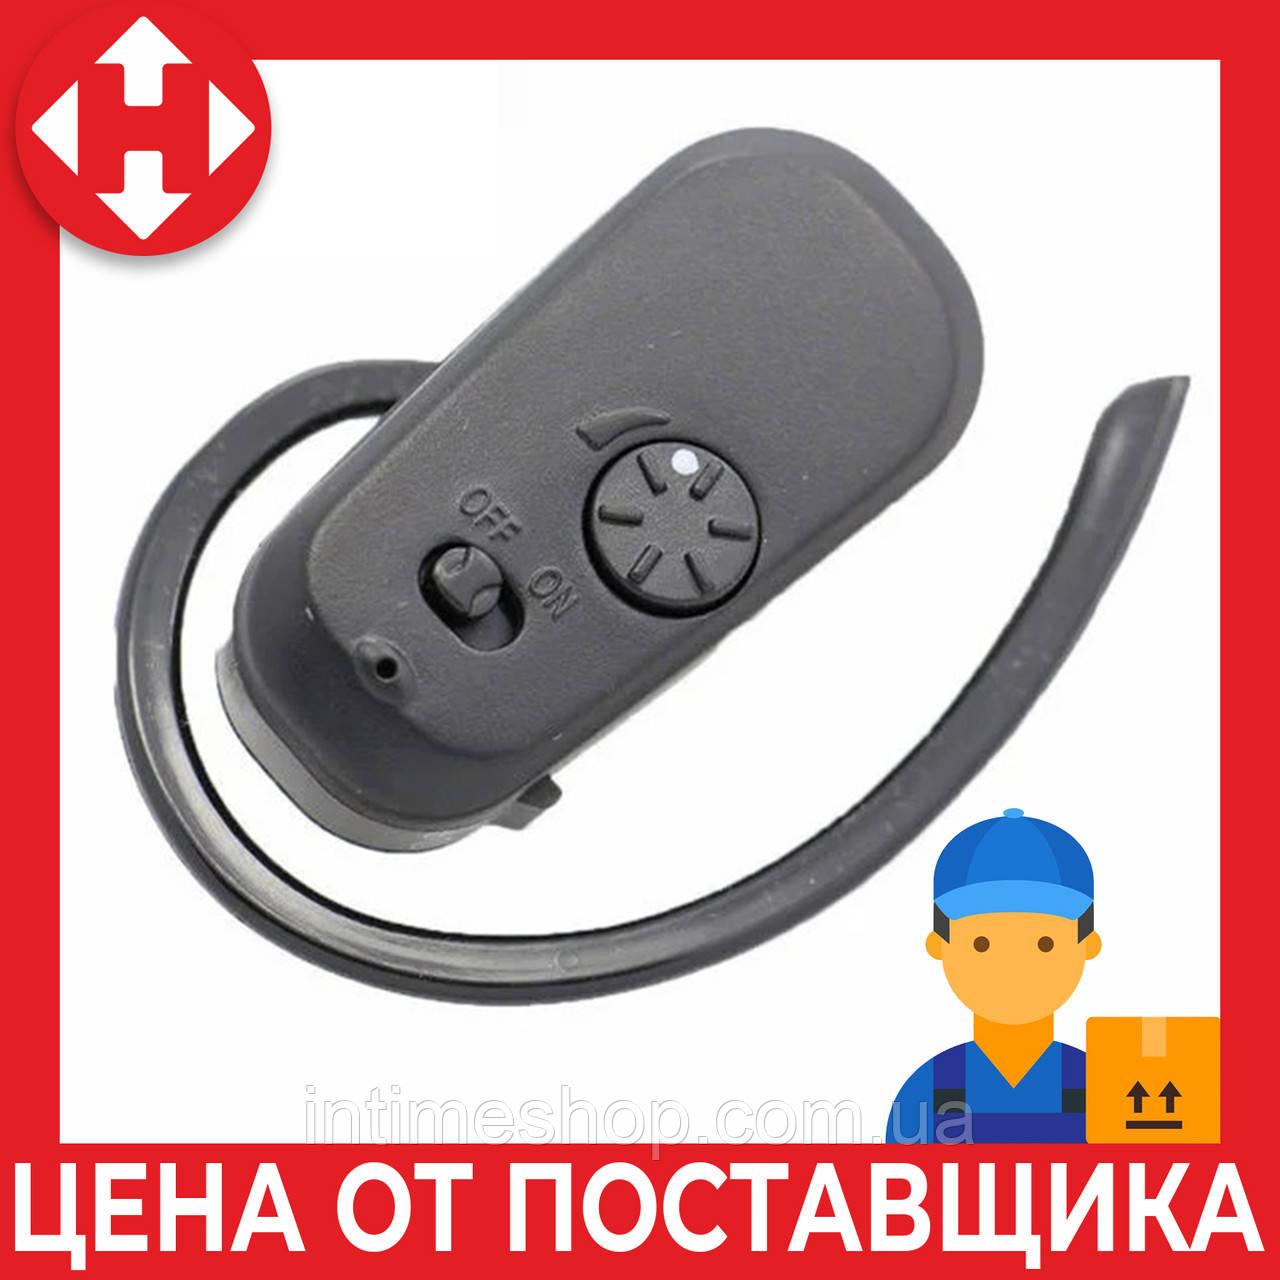 Слуховой аппарат в виде bluetooth гарнитуры Axon V-183, цвет - черный, с доставкой по Киеву, Украине